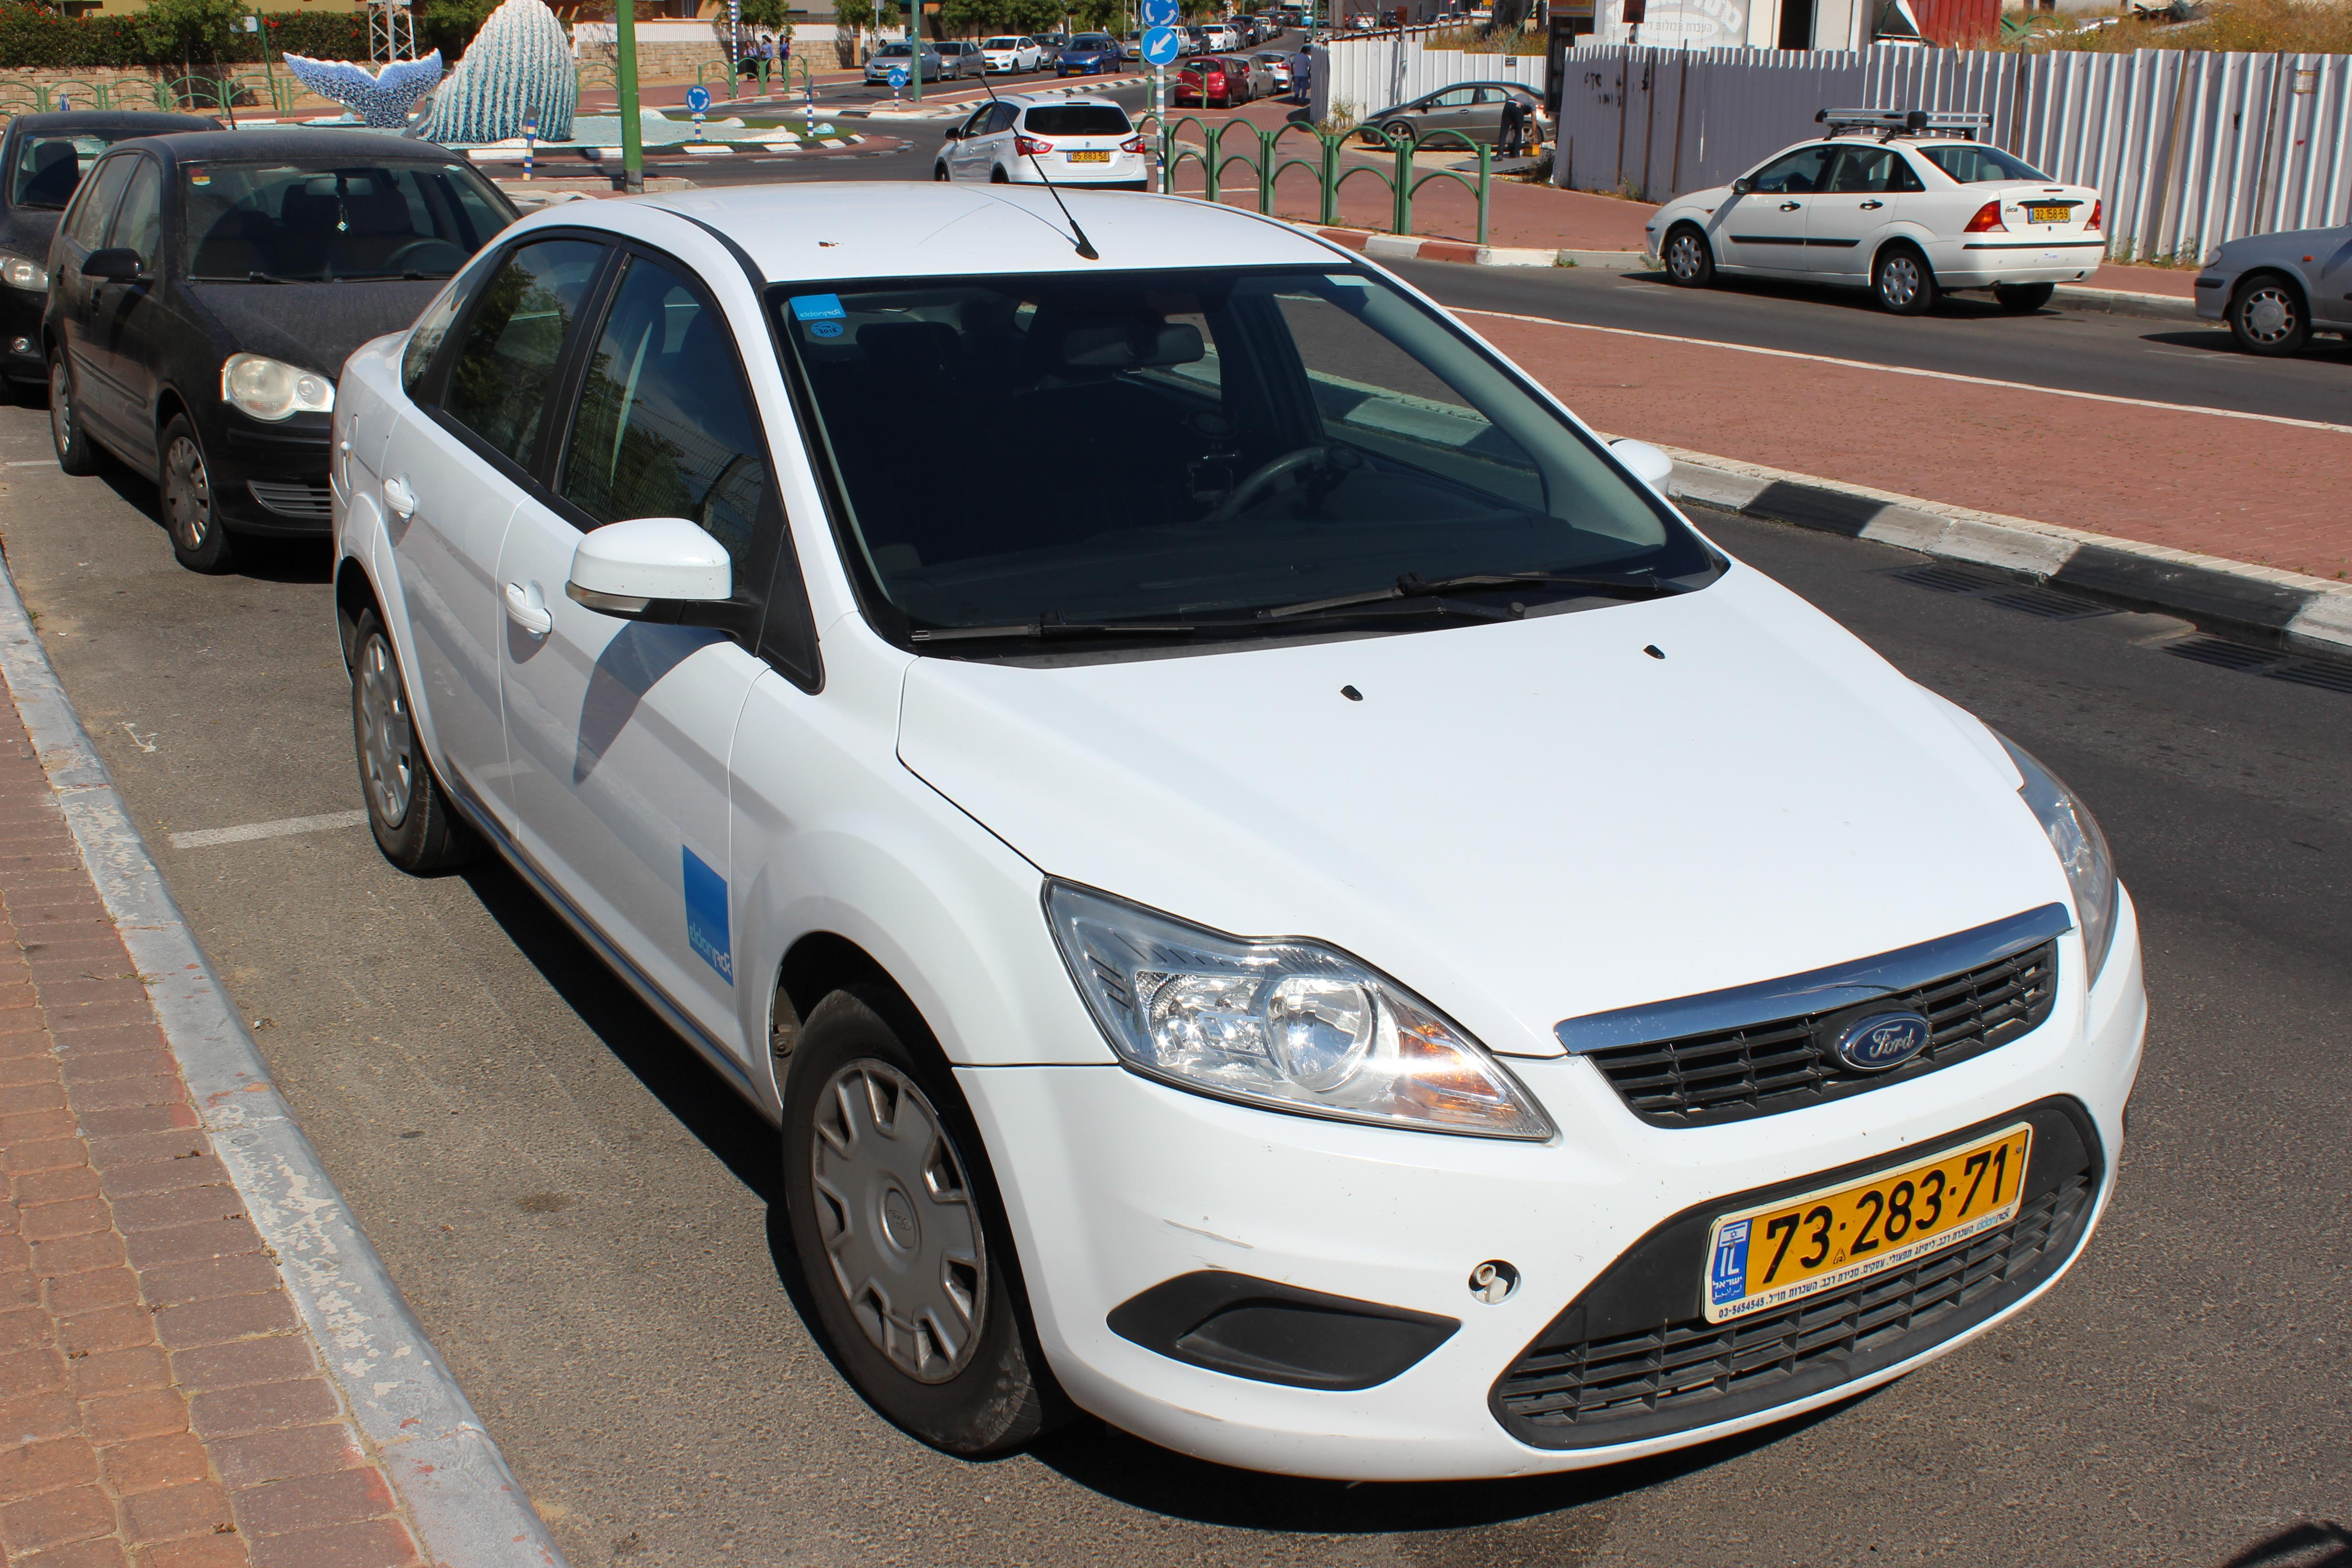 Аренда авто в Израиле Форд Фокус прокатная контора Элдан